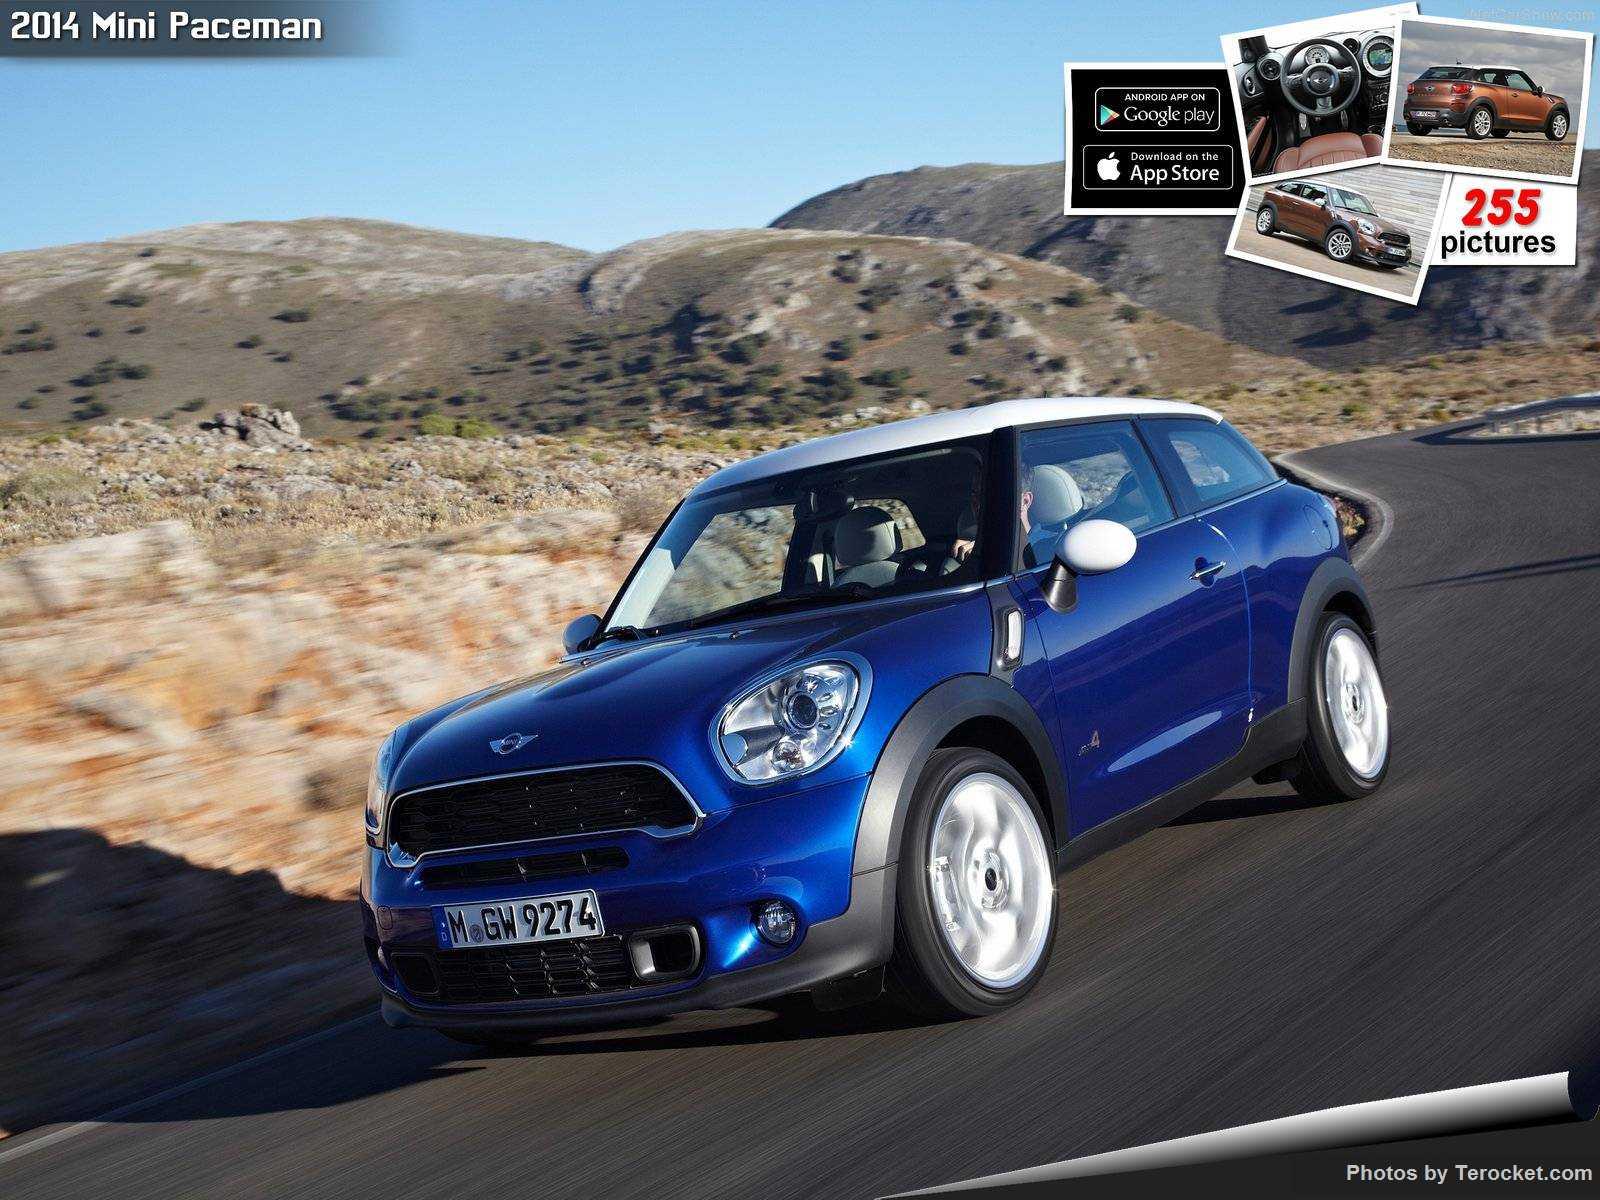 Hình ảnh xe ô tô Mini Paceman 2014 & nội ngoại thất